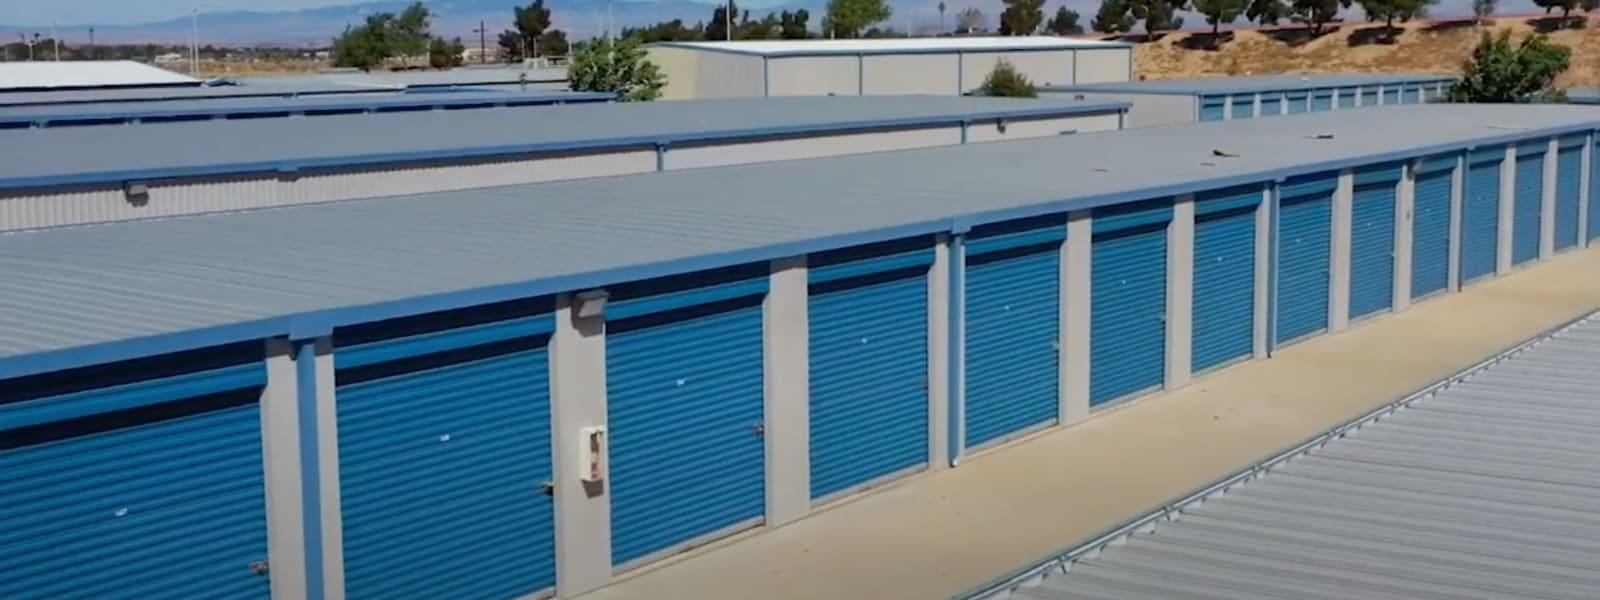 A-American Self Storage in Pomona, California